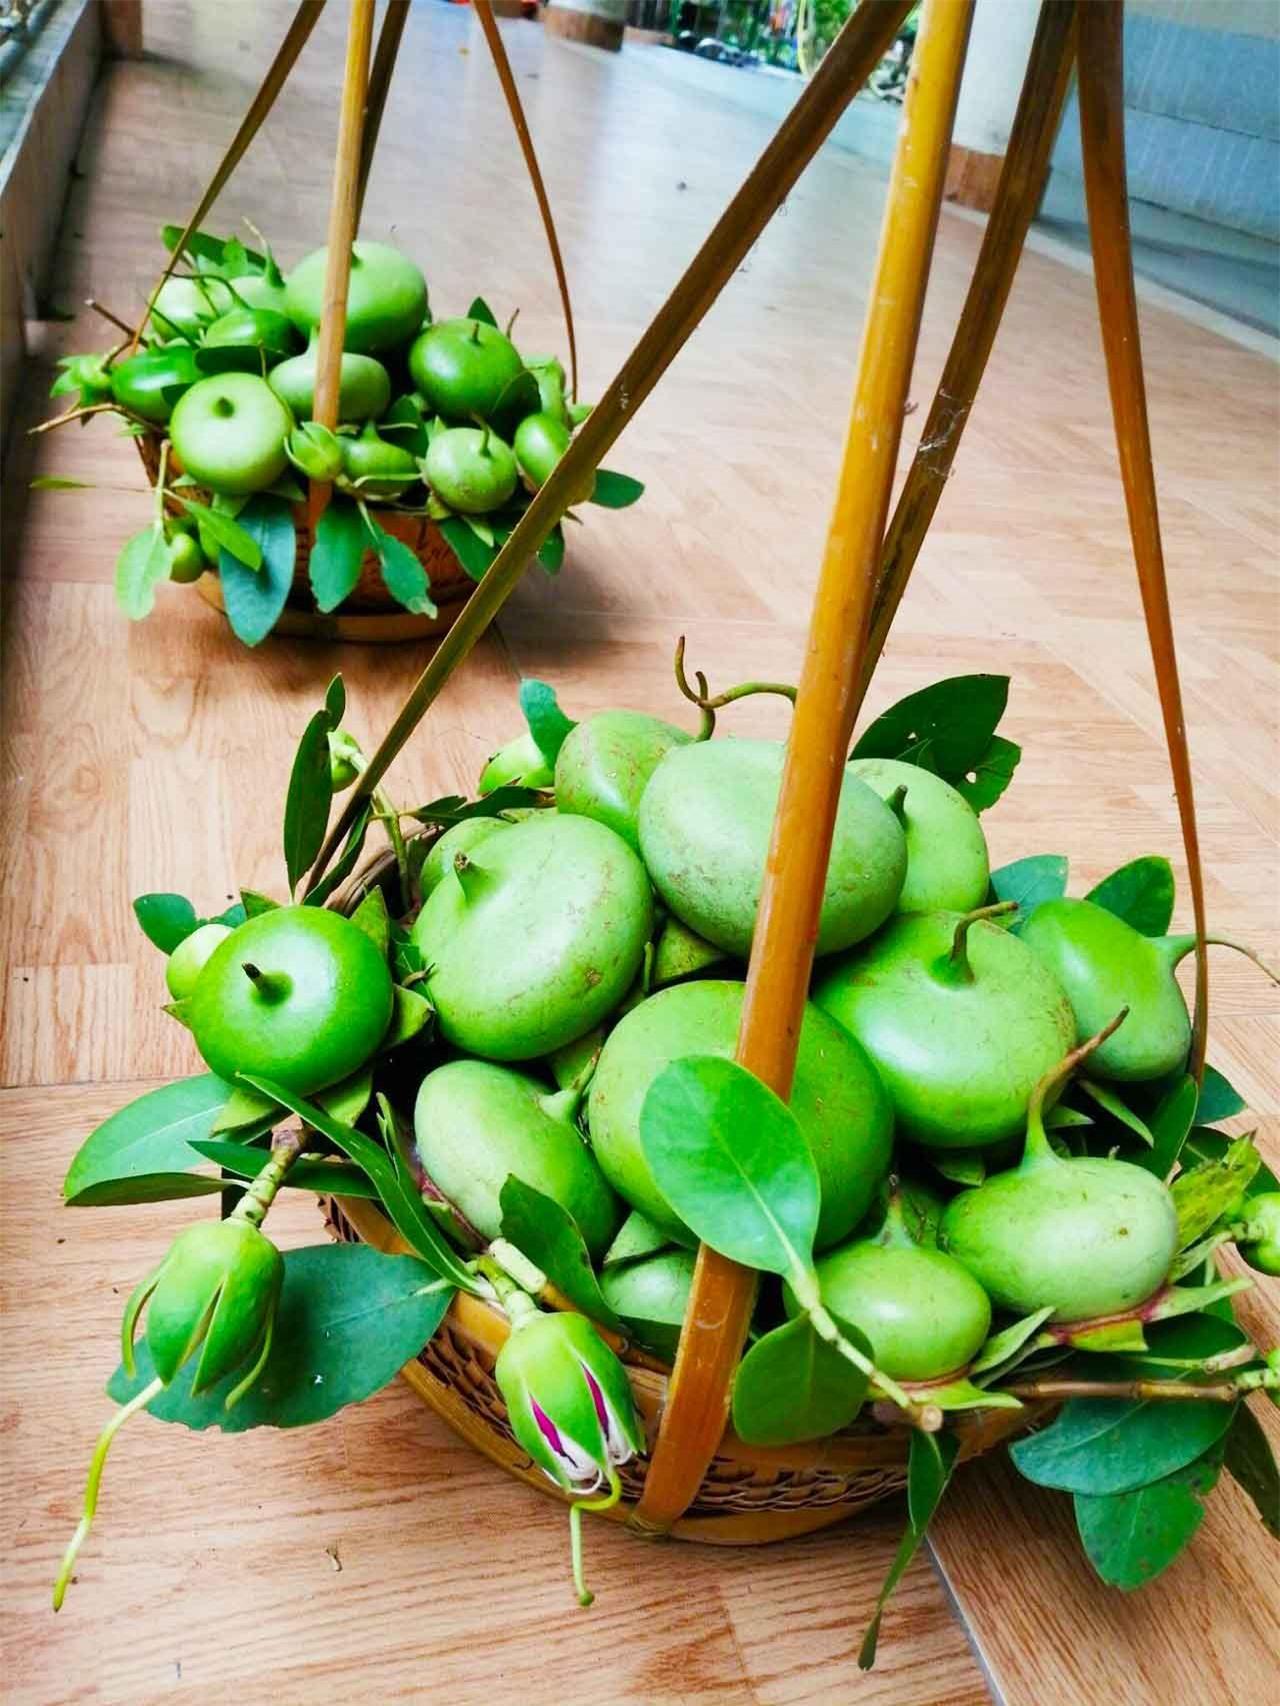 Loài cây mọc hoang, được người miền Tây chế biến món ăn dân dã, xuất khẩu sang nước ngoài bán trong siêu thị - Ảnh 3.